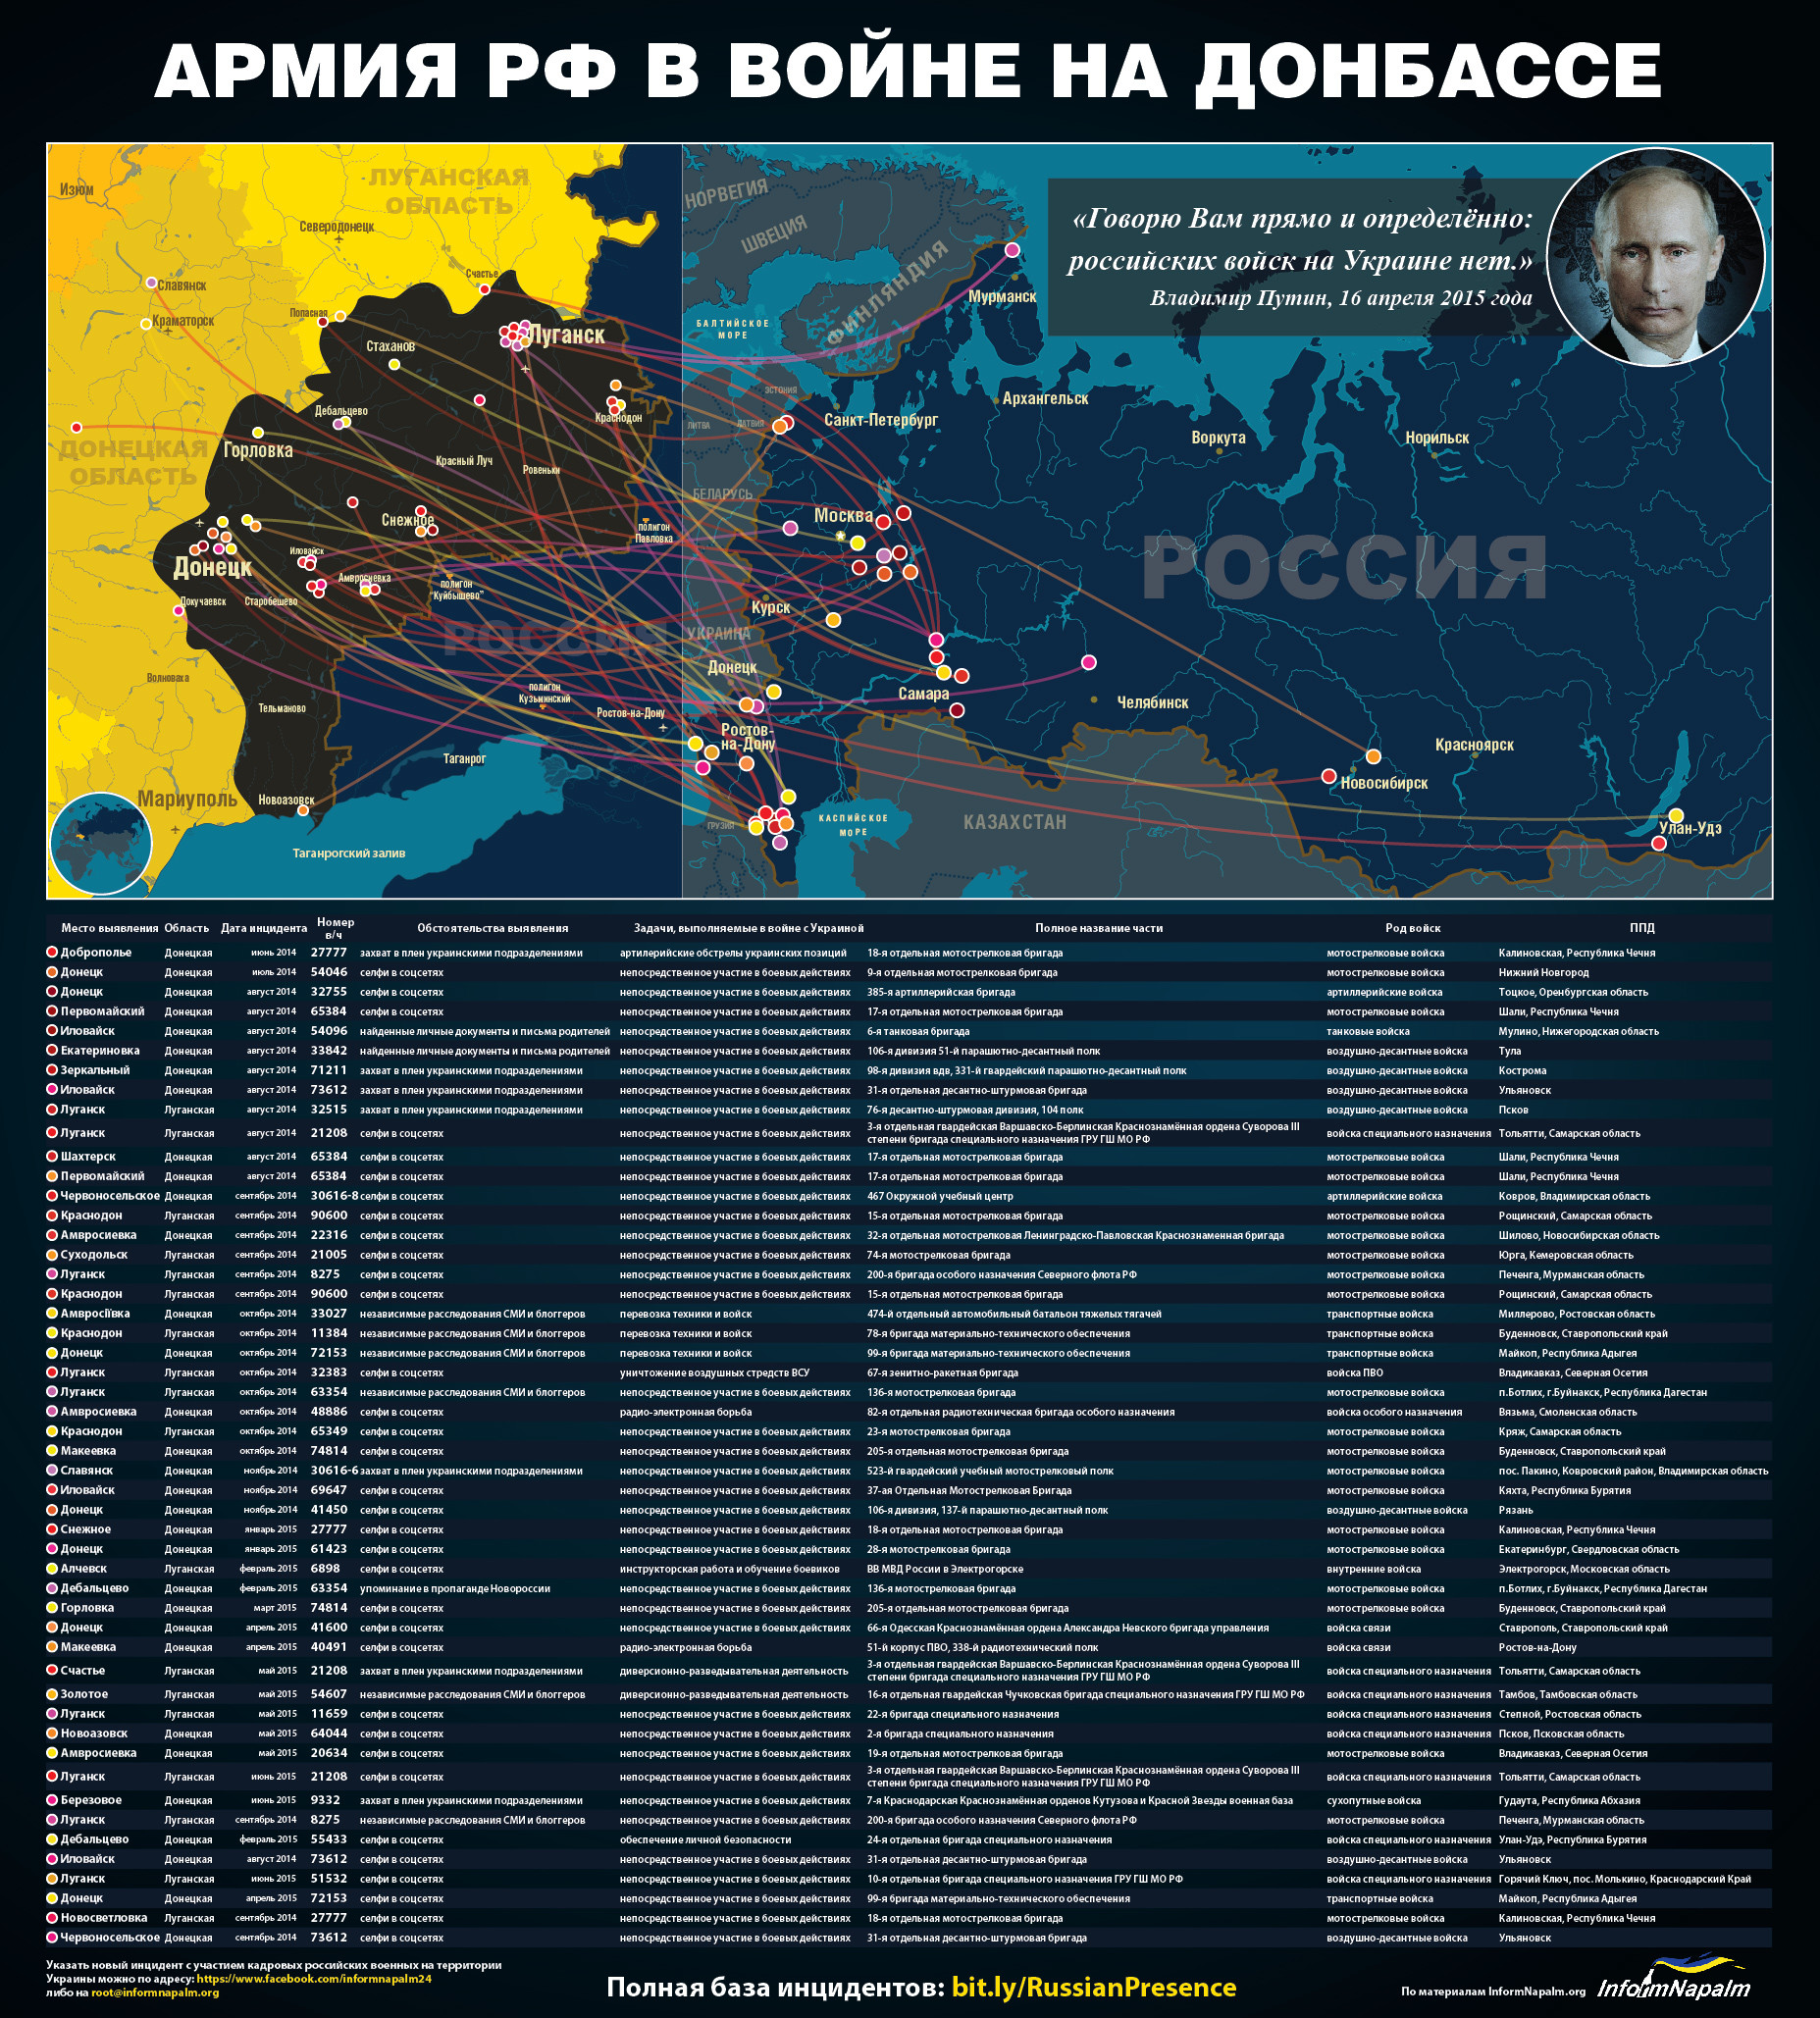 Доказательства военной агрессии РФ против Украины: инфографика